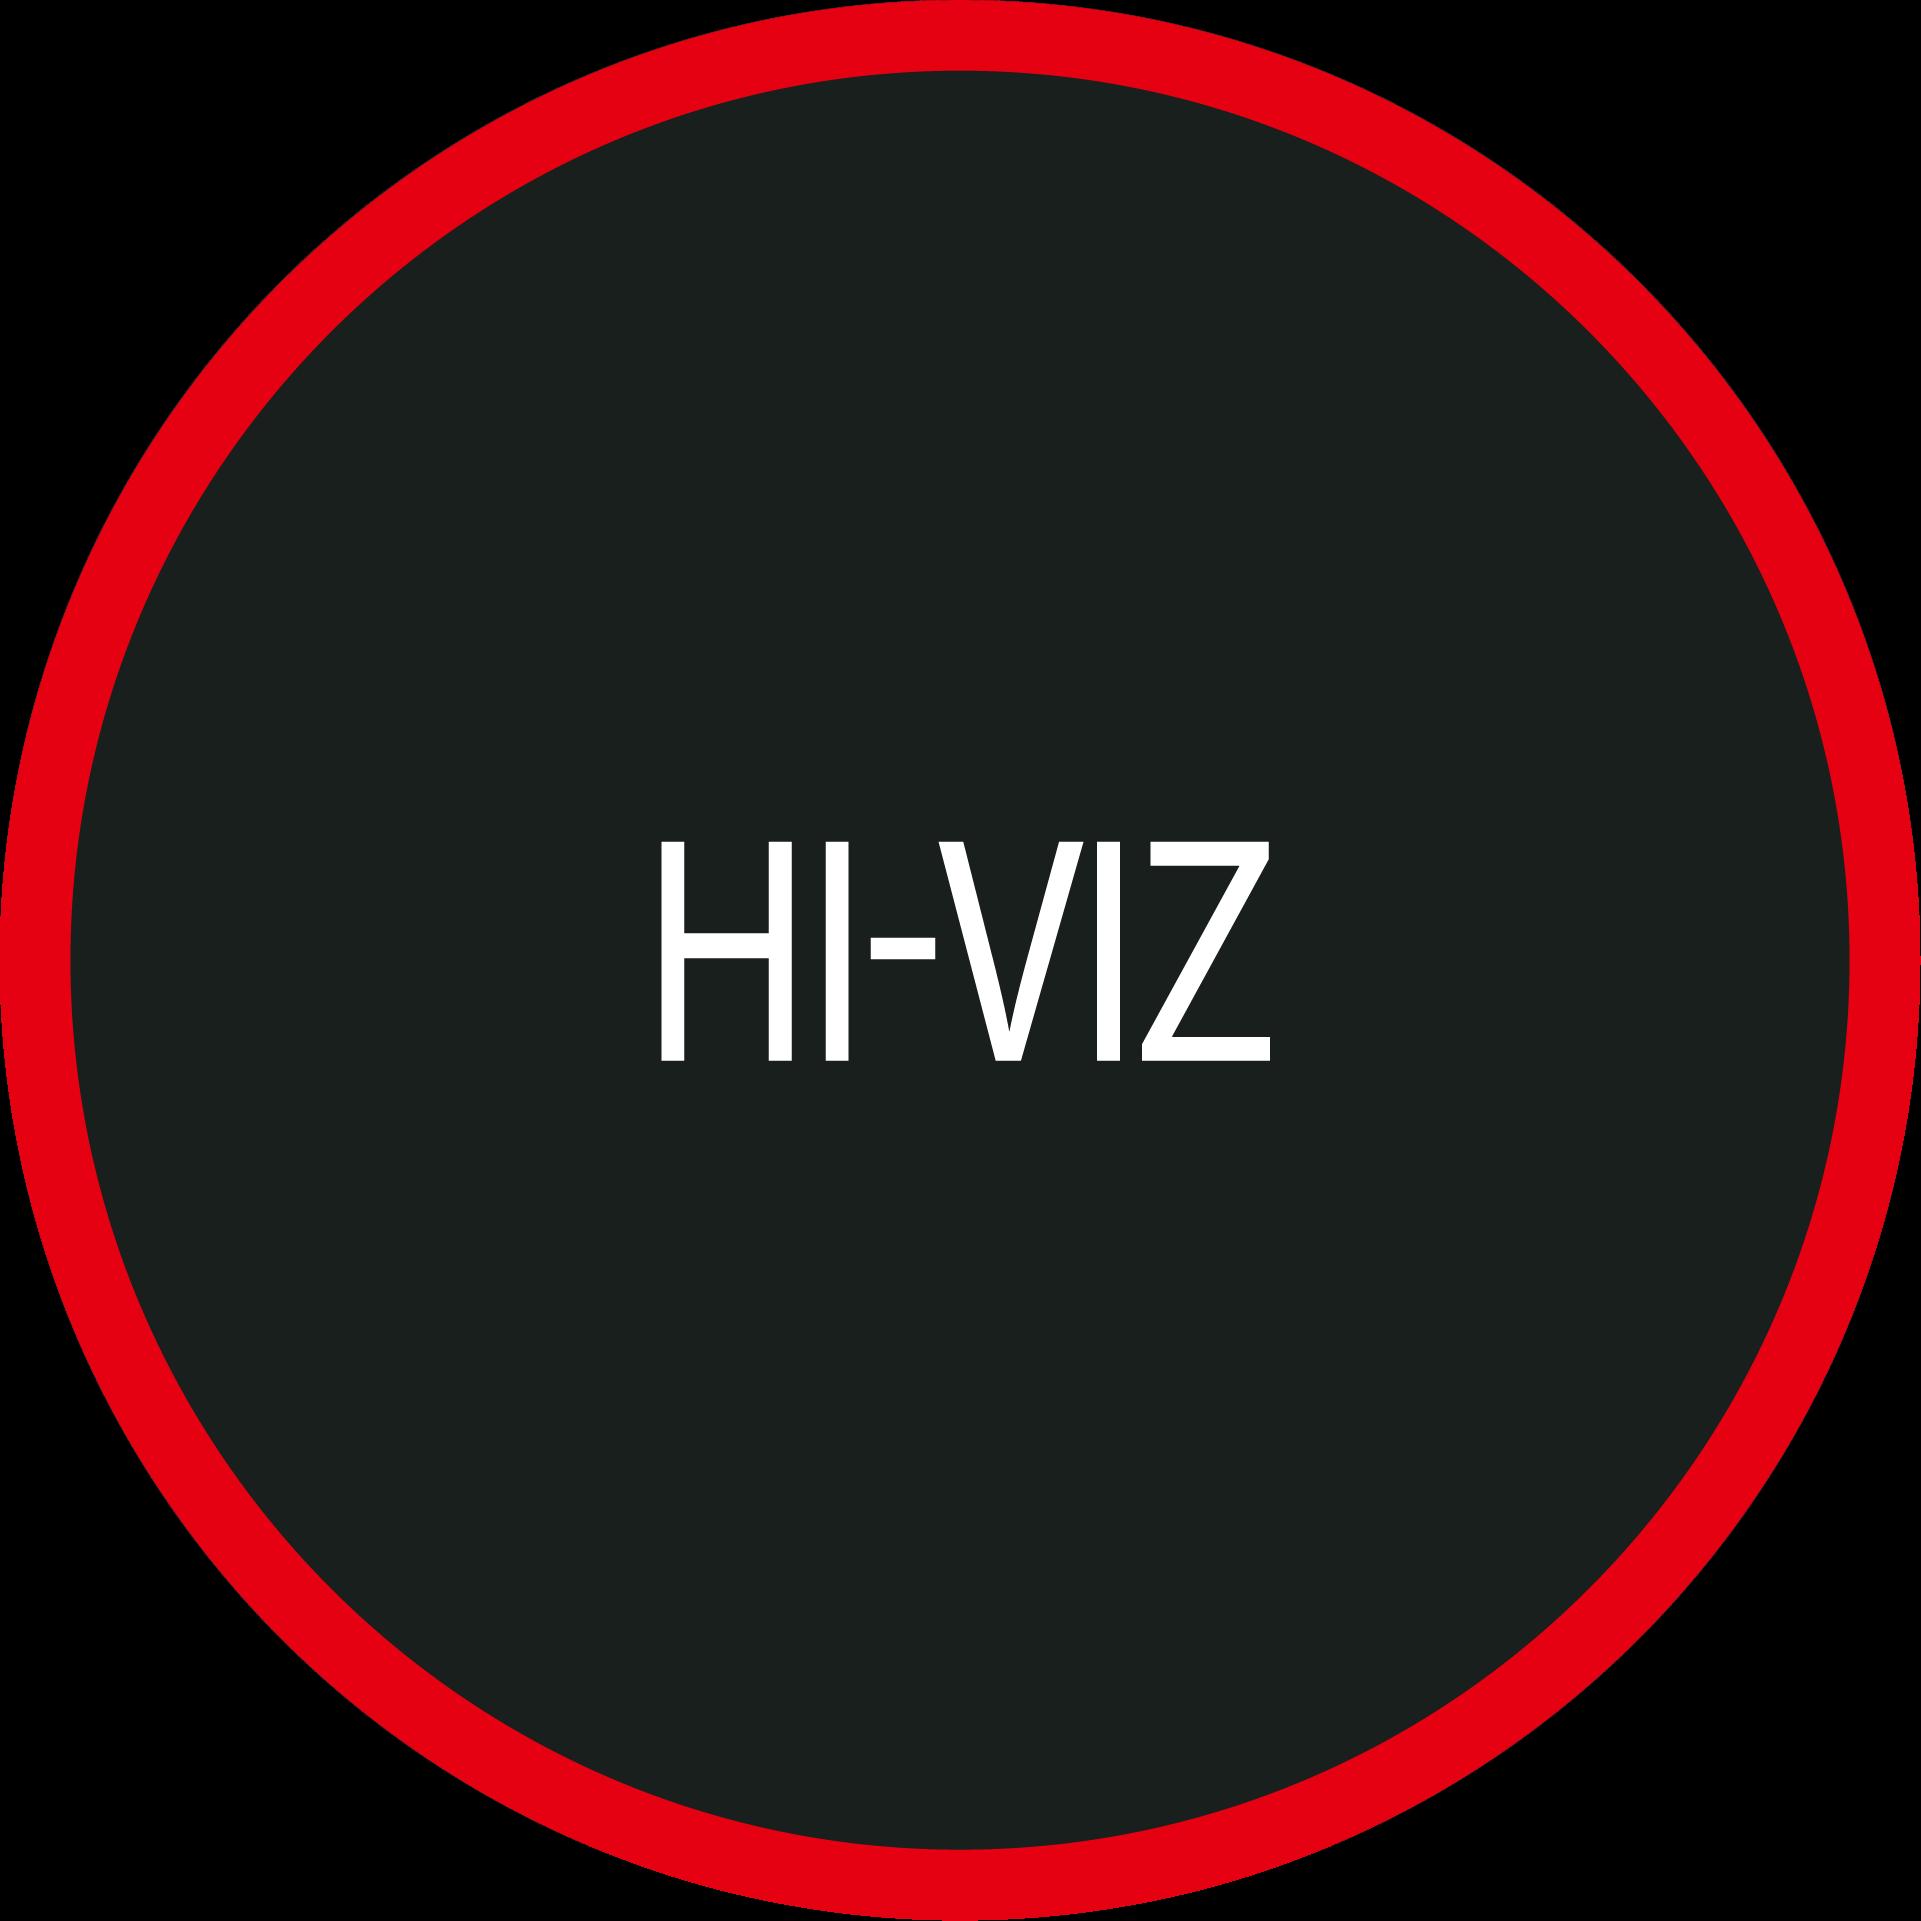 Selle-Italia-icon-02-HI-VIZ